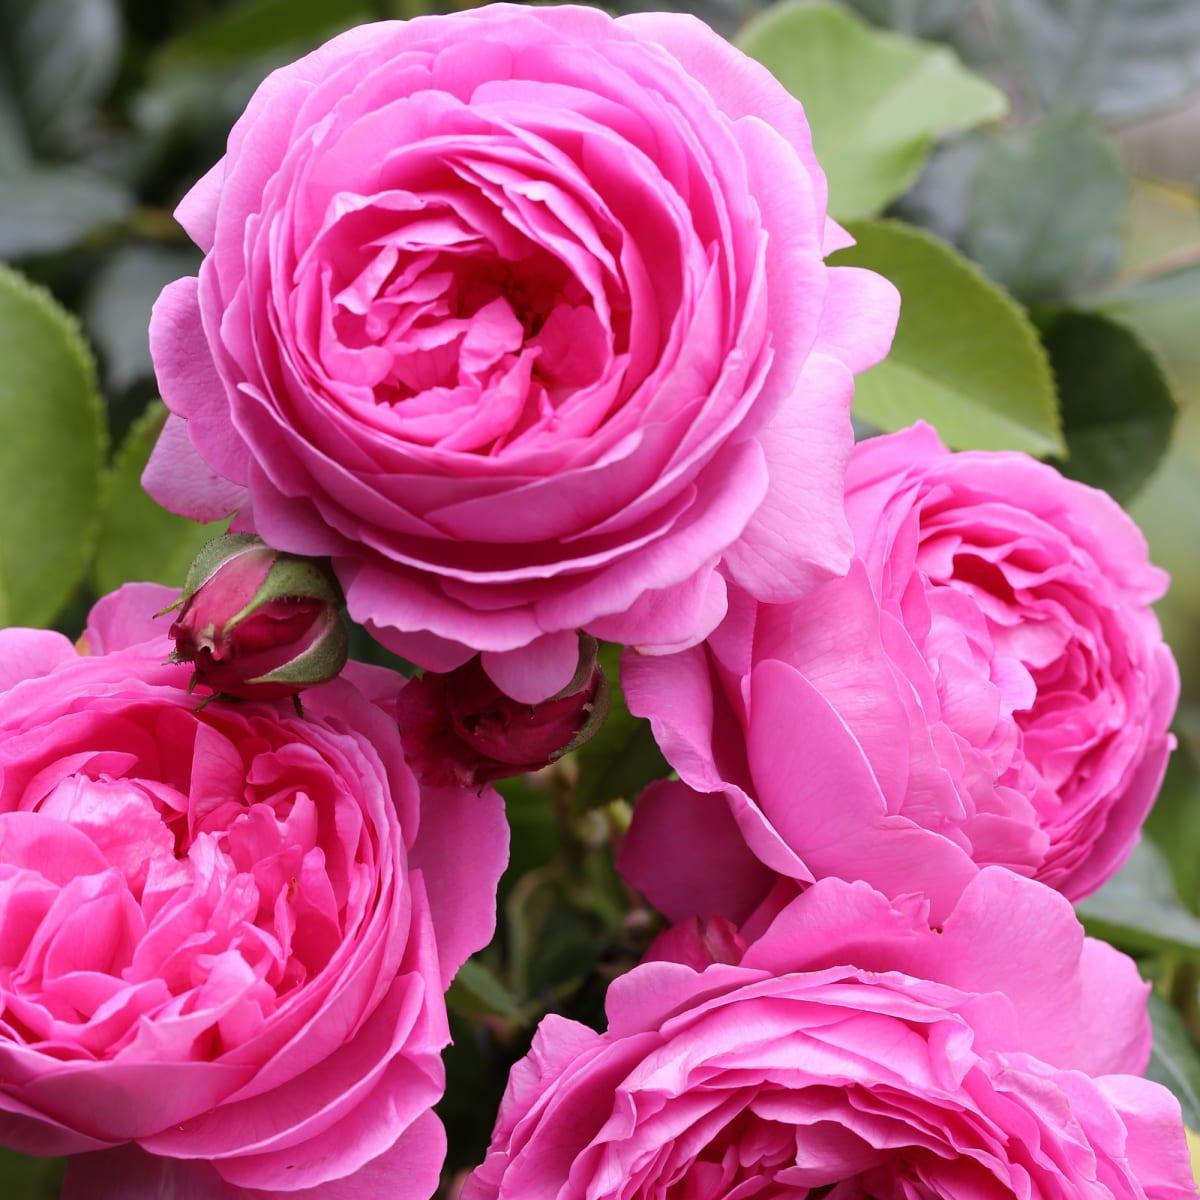 понять, есть розы парковые сорта фото и описание вас ждет